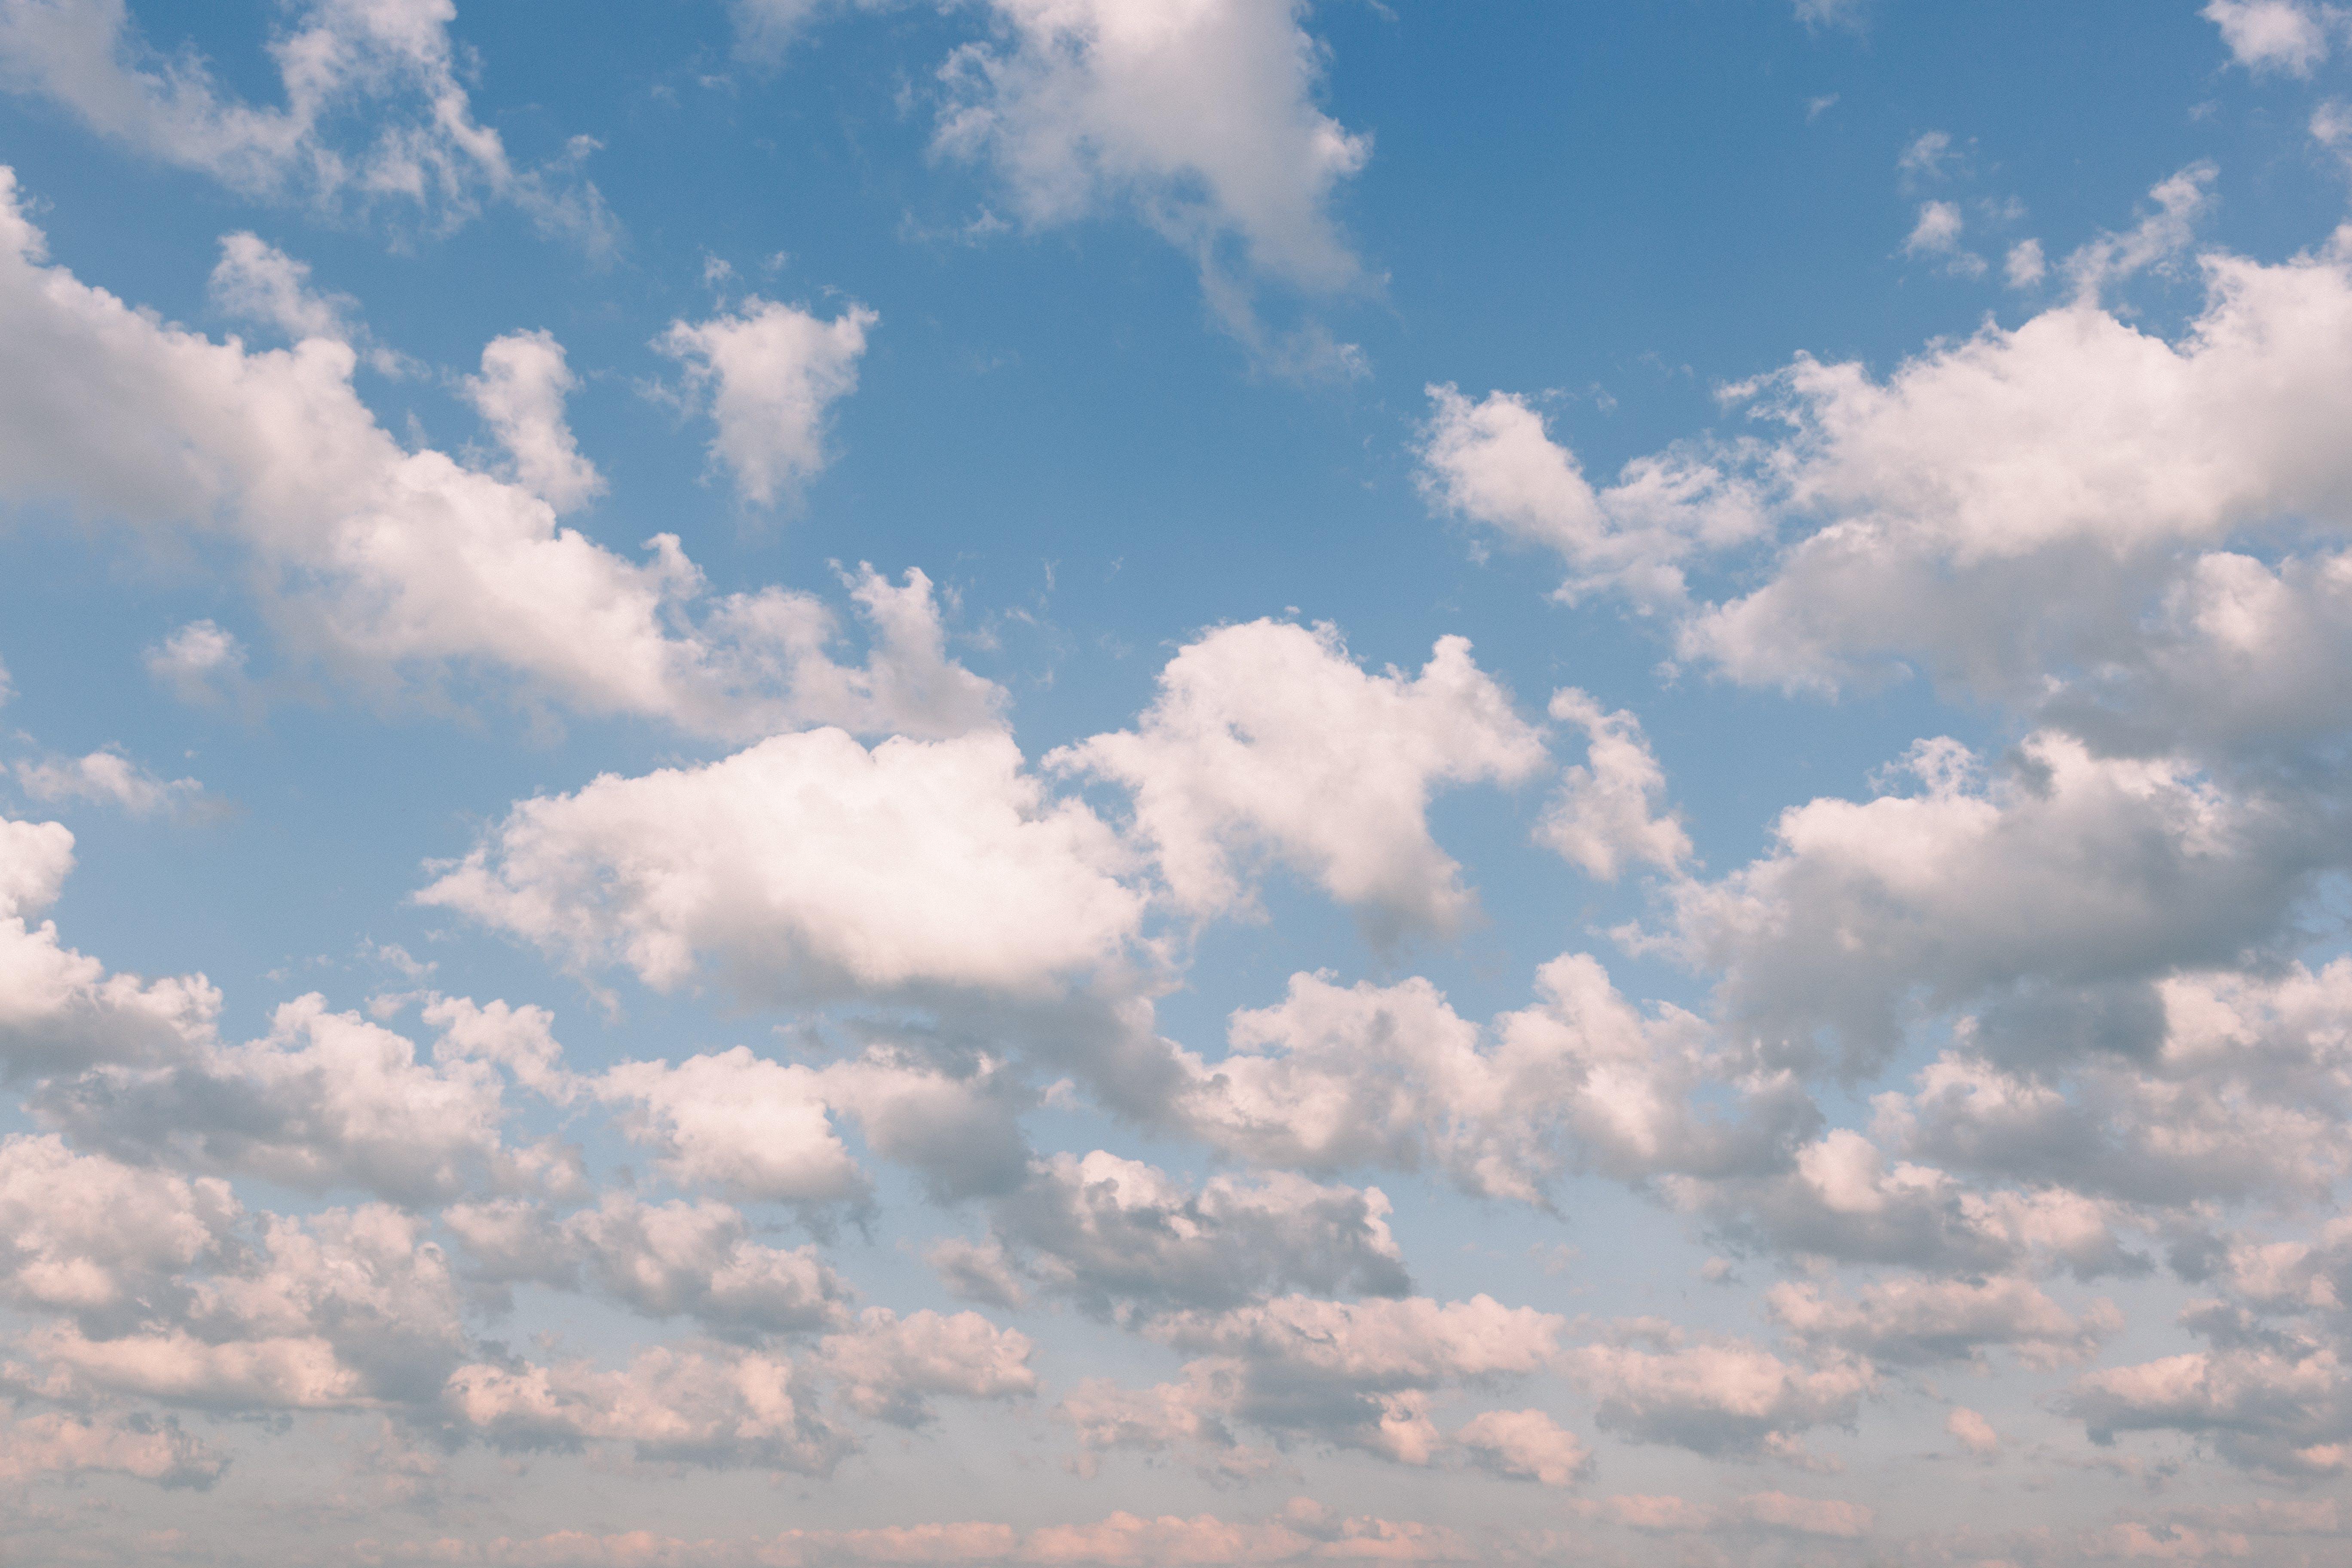 Fotobanka sbezplatnými fotkami na tému modrá obloha, mraky, oblačnosť, oblačný